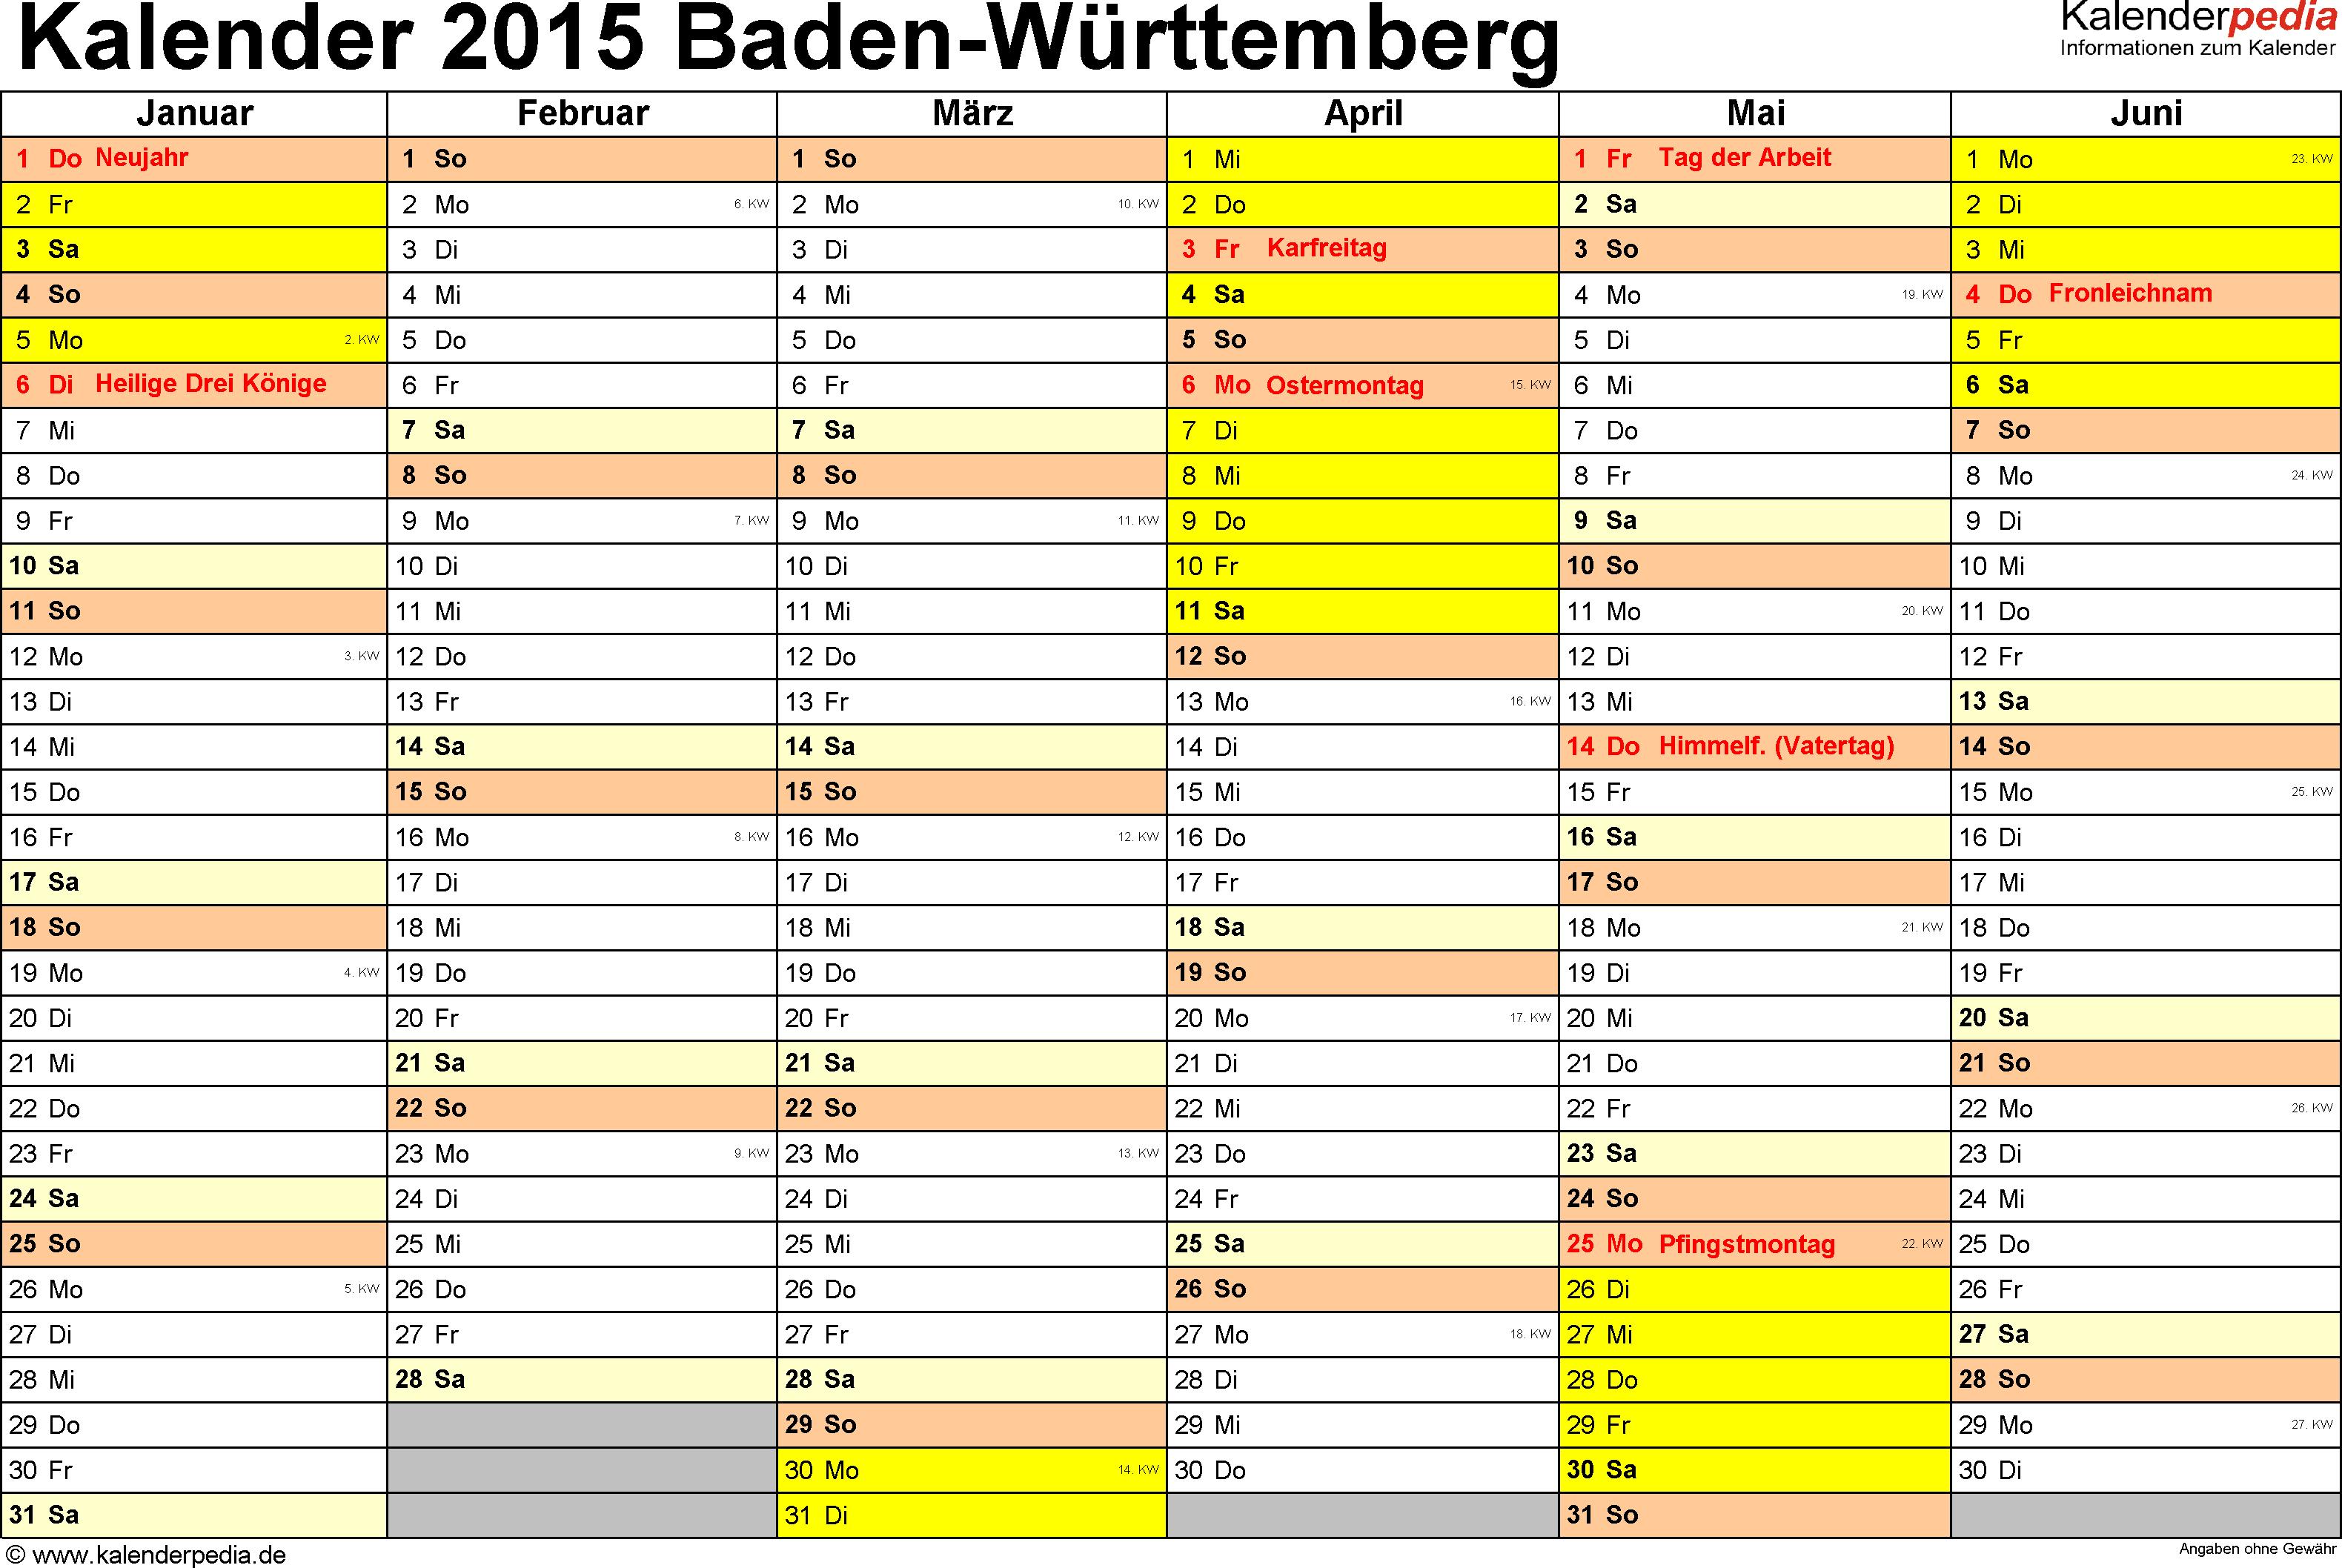 Vorlage 2: Kalender 2015 für Baden-Württemberg als PDF-Vorlage (Querformat, 2 Seiten)